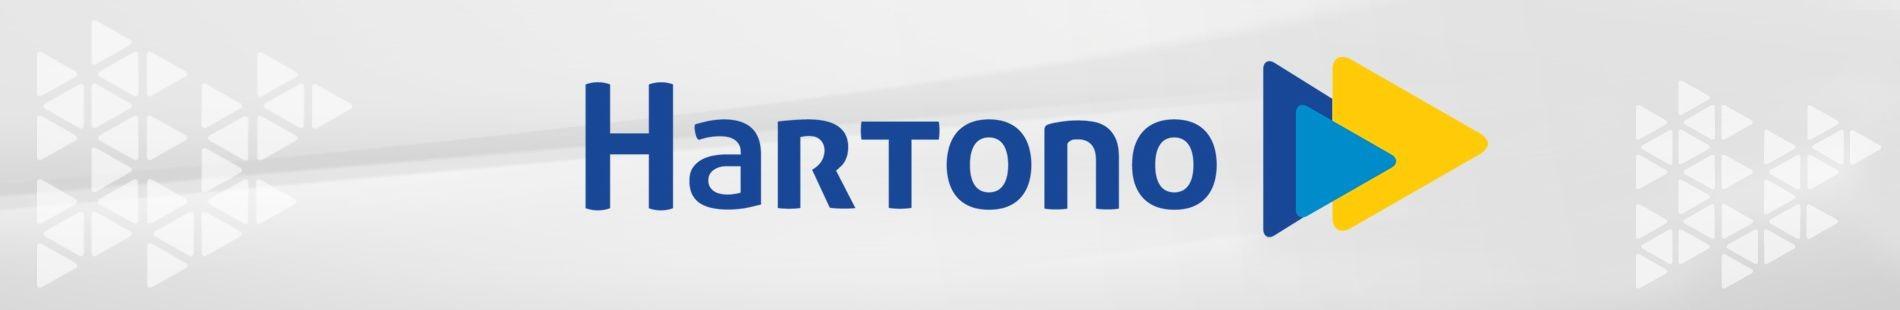 My Hartono